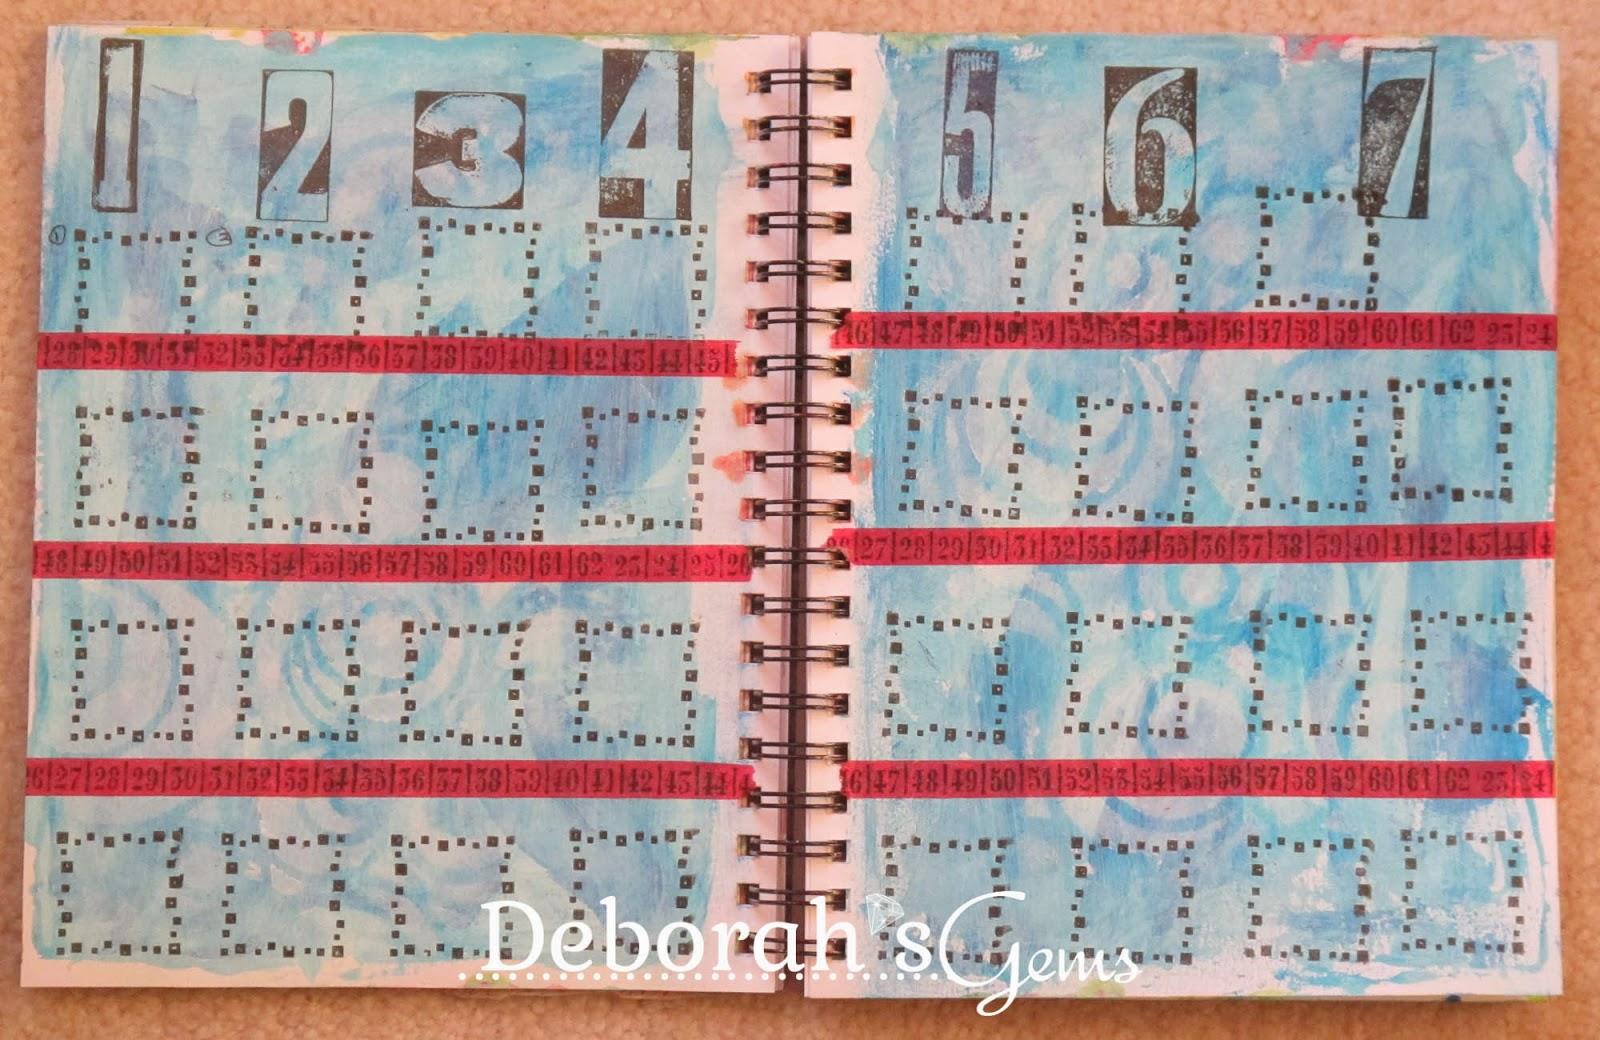 365 Days of Being 3 - photo by Deborah Frings - Deborah's Gems